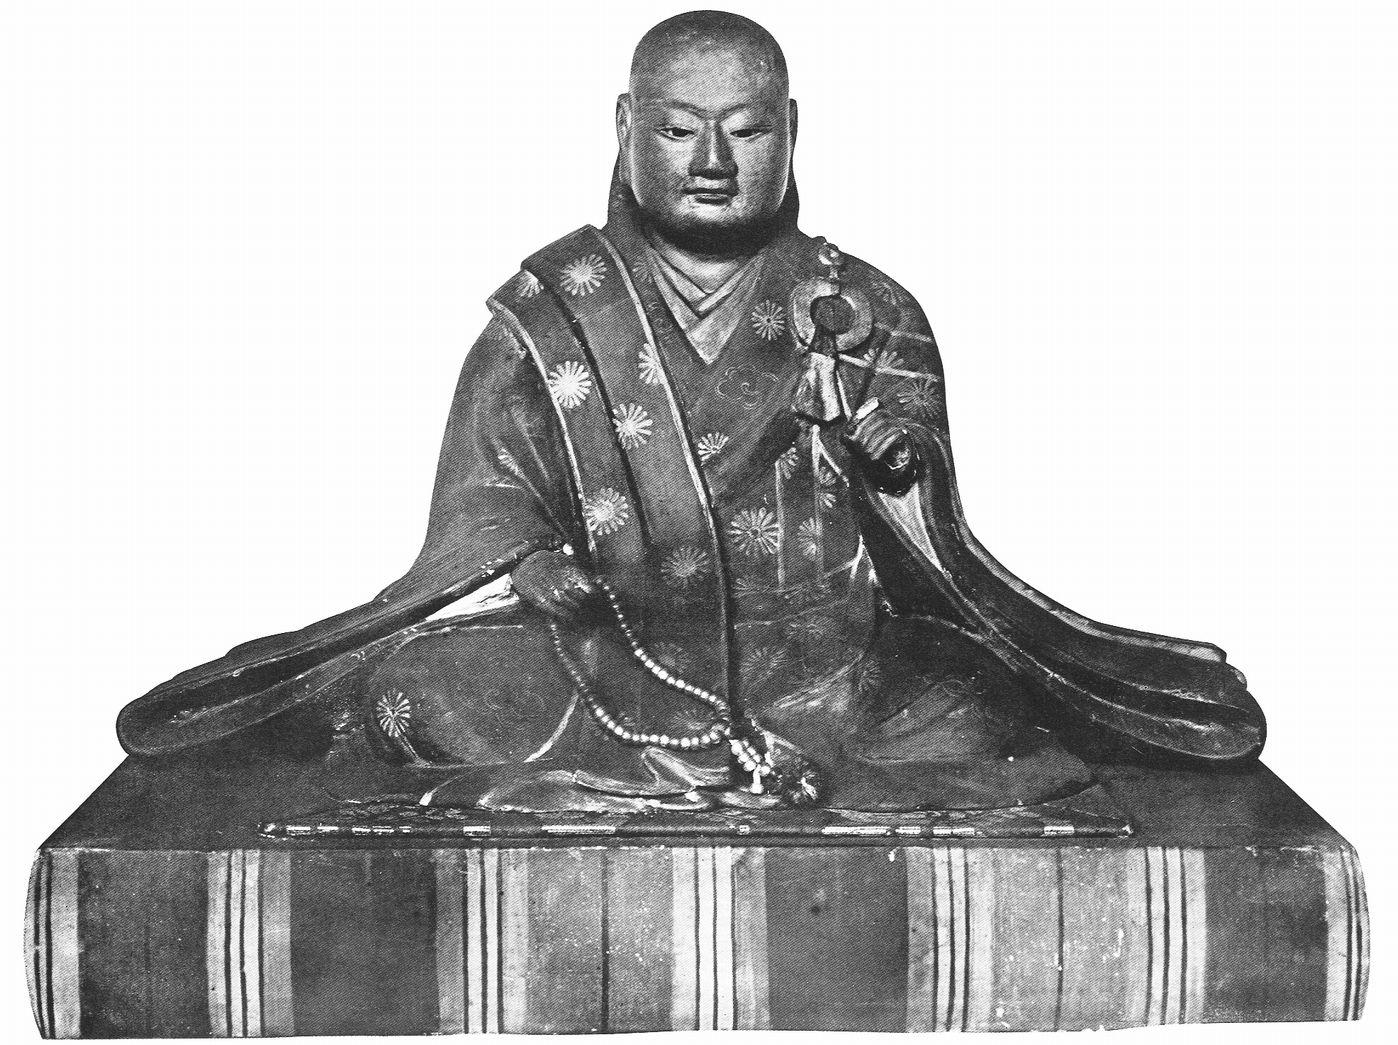 後奈良天皇木像(浄福寺蔵)